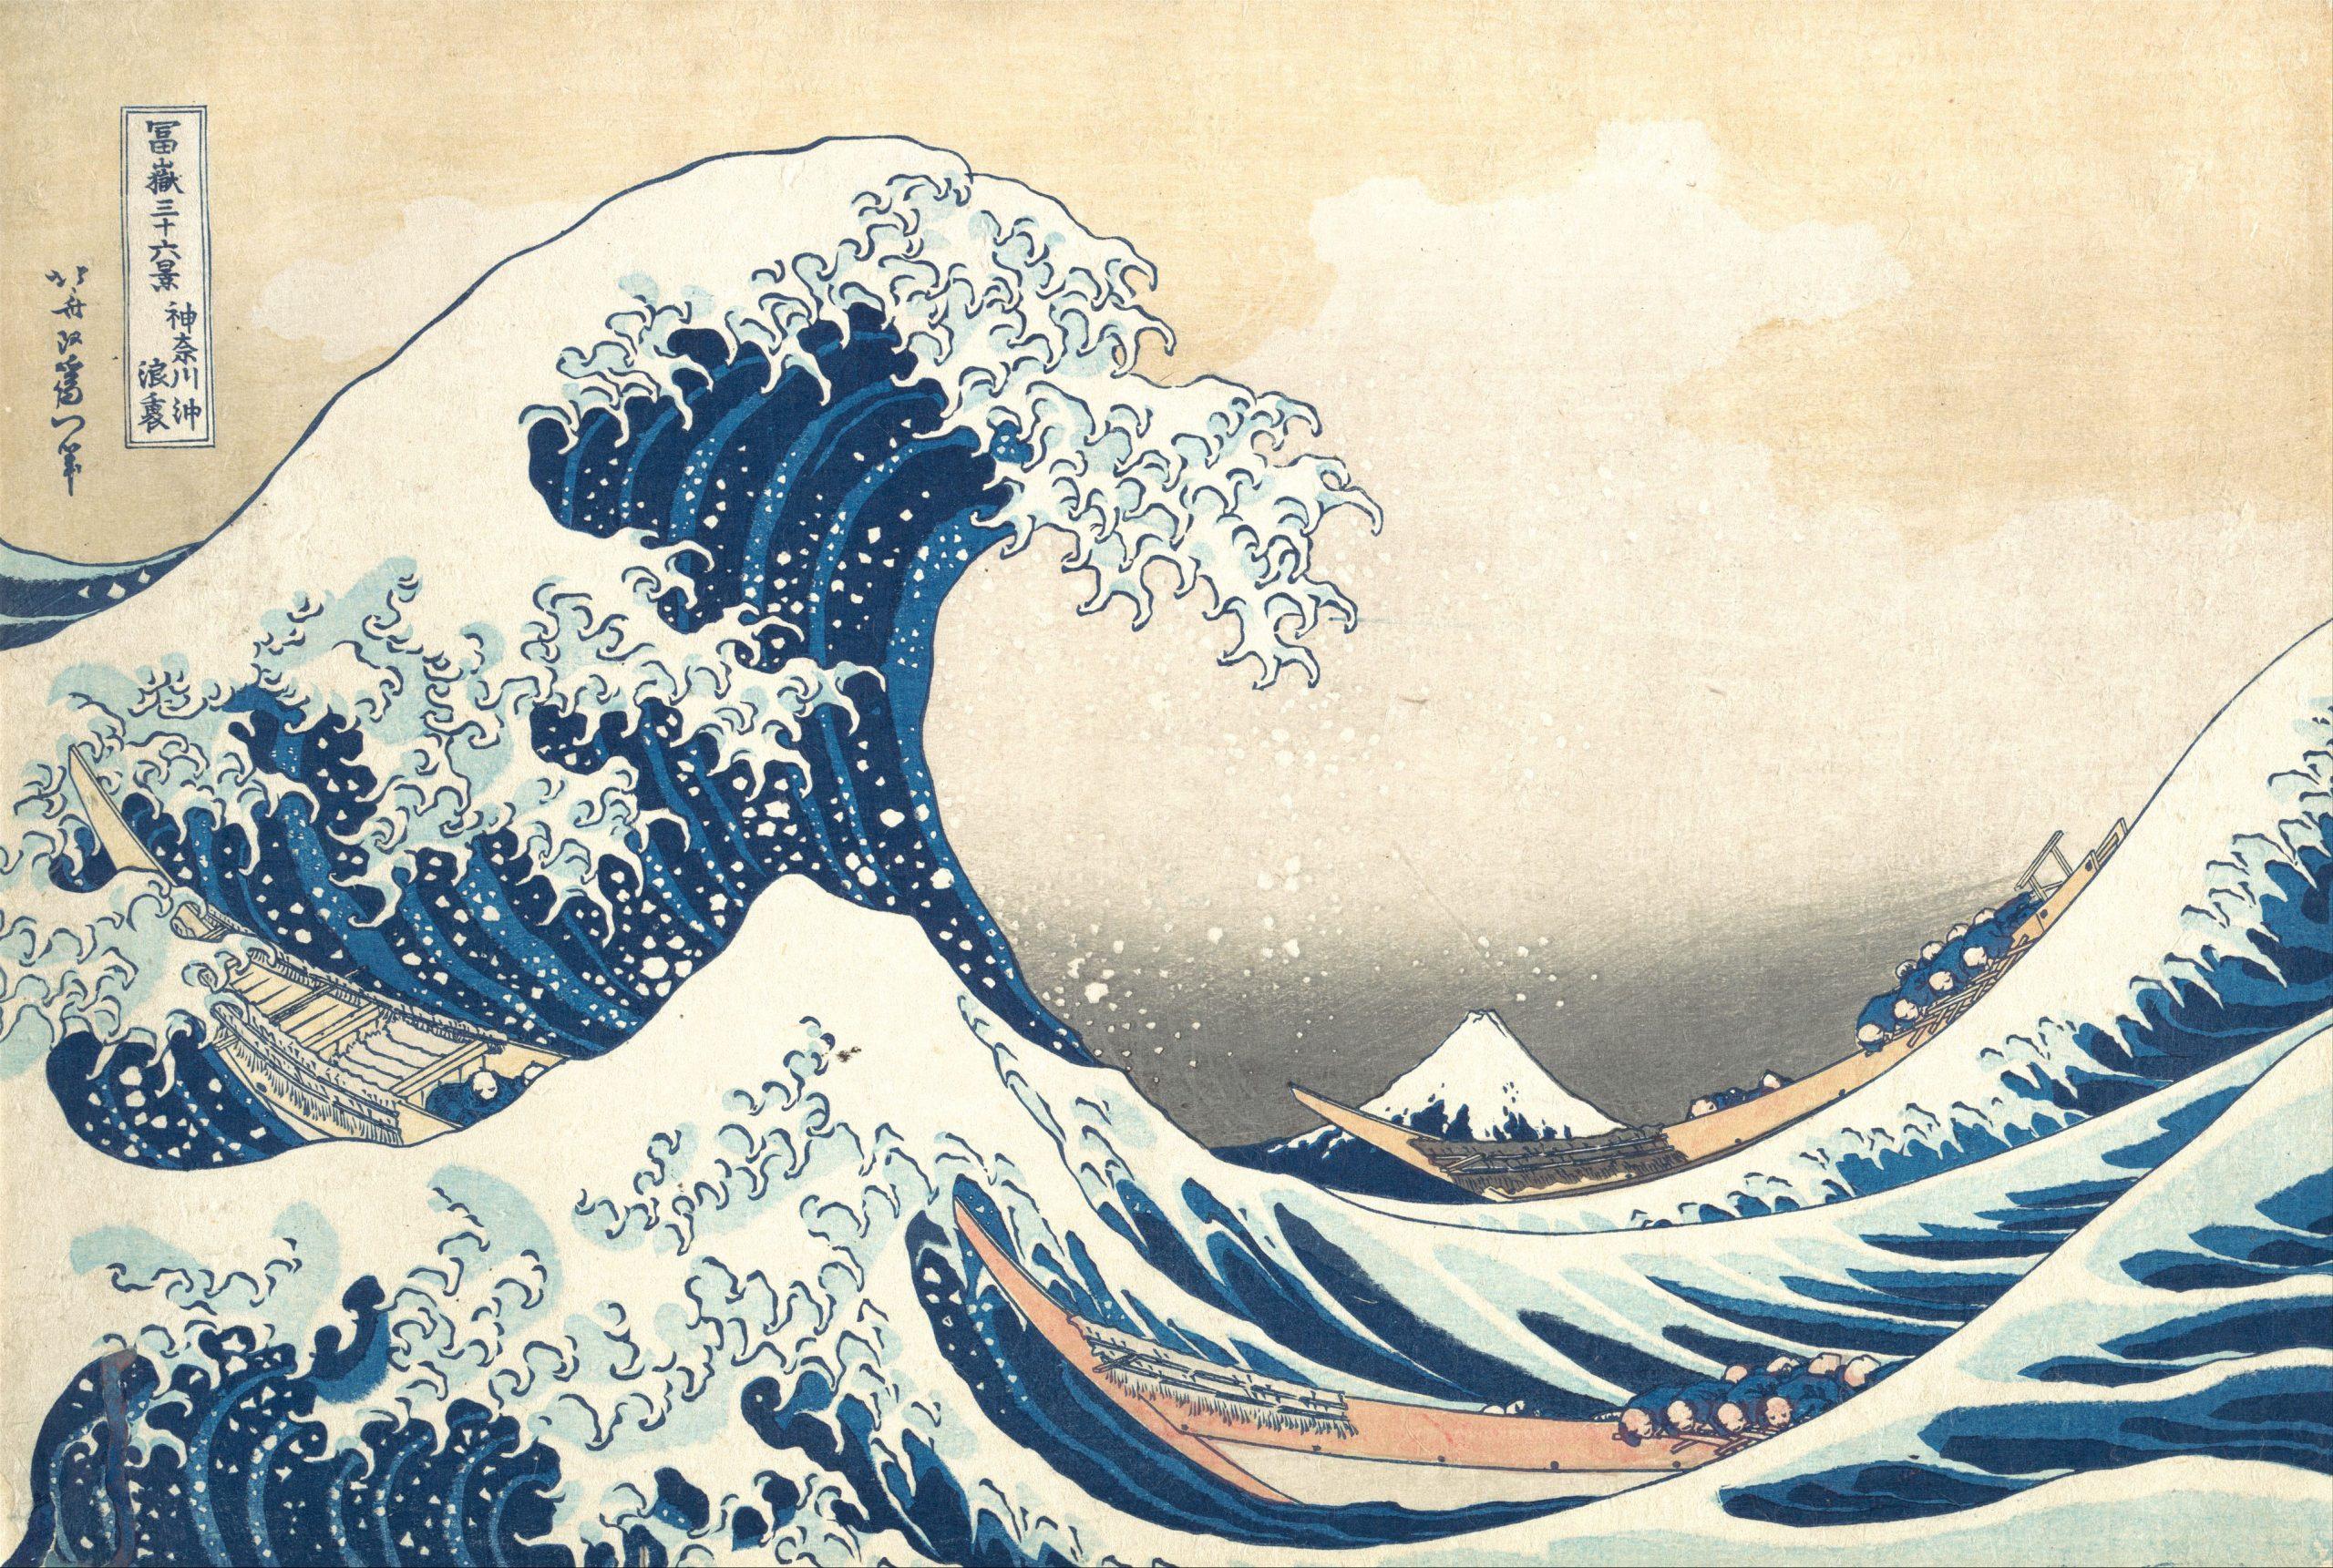 天才絵師の生涯と作品に迫る HOKUSAI PORTALの深さに驚き